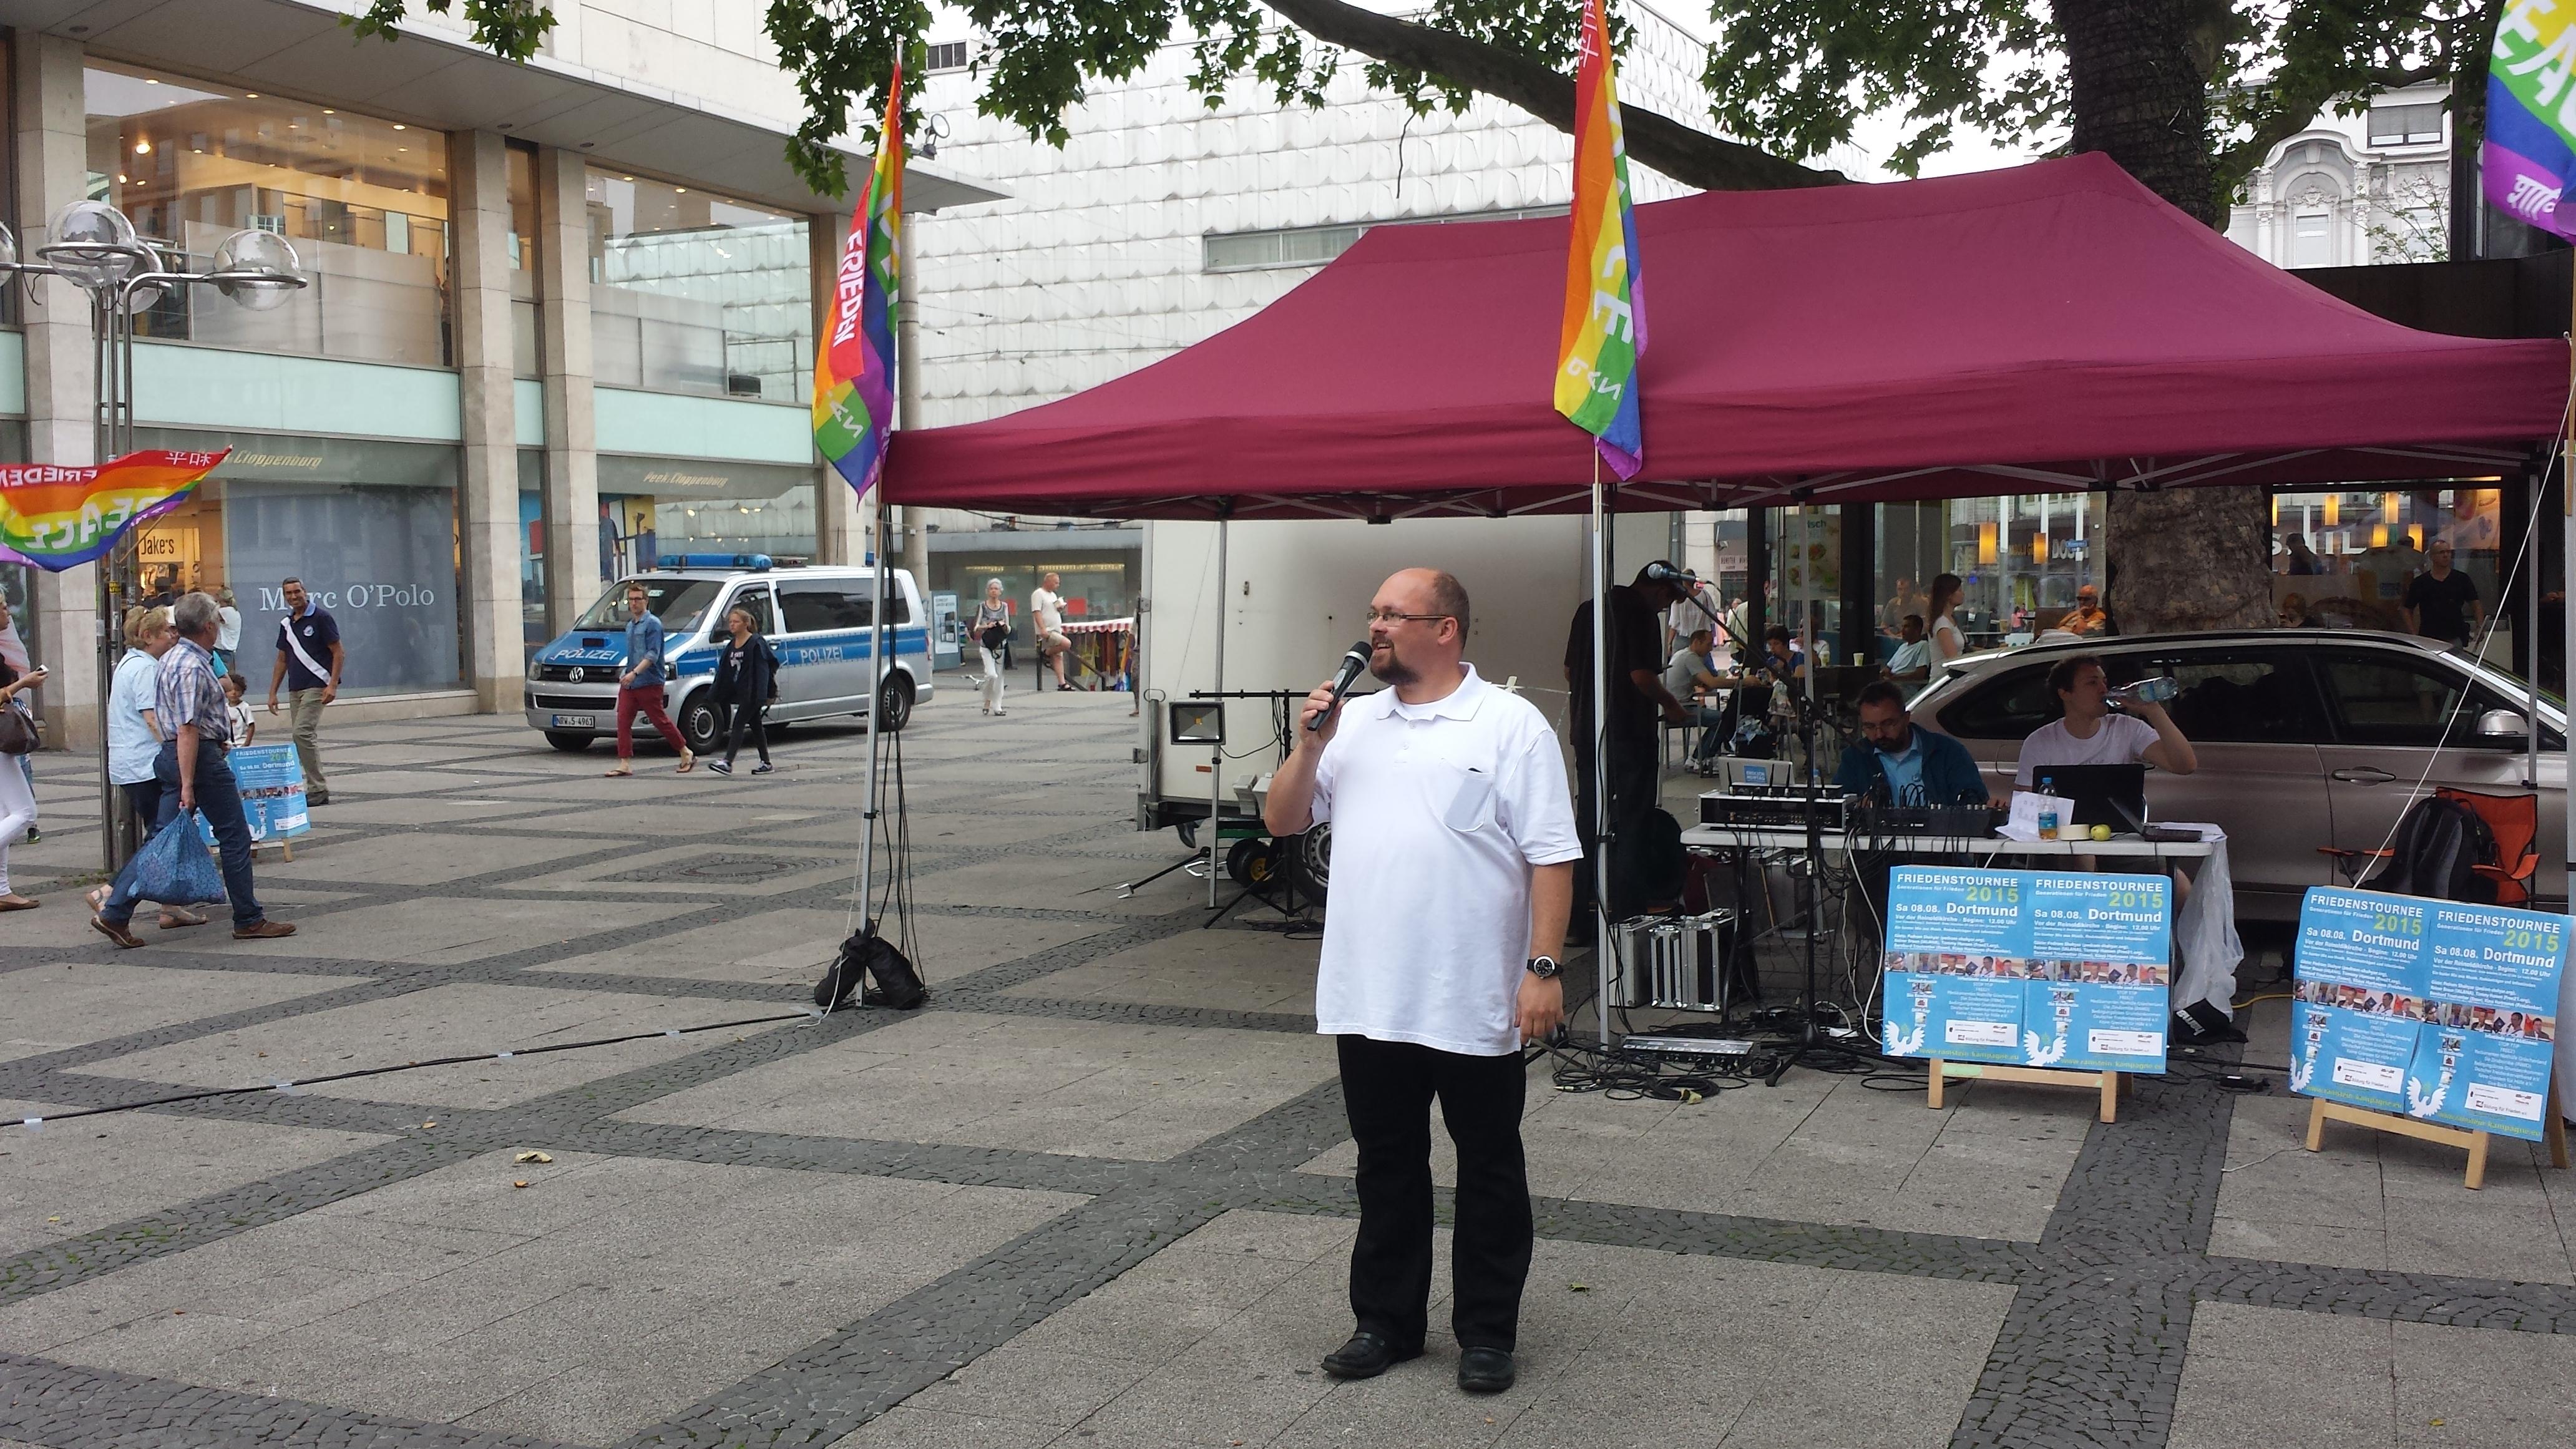 Ingo Meyer ruft für das Dortmunder Bündnis Umfairteilen zur Teilnahme an der Anti-TTIP am 10. Oktober in Berlin auf; Foto: C.-D. Stille